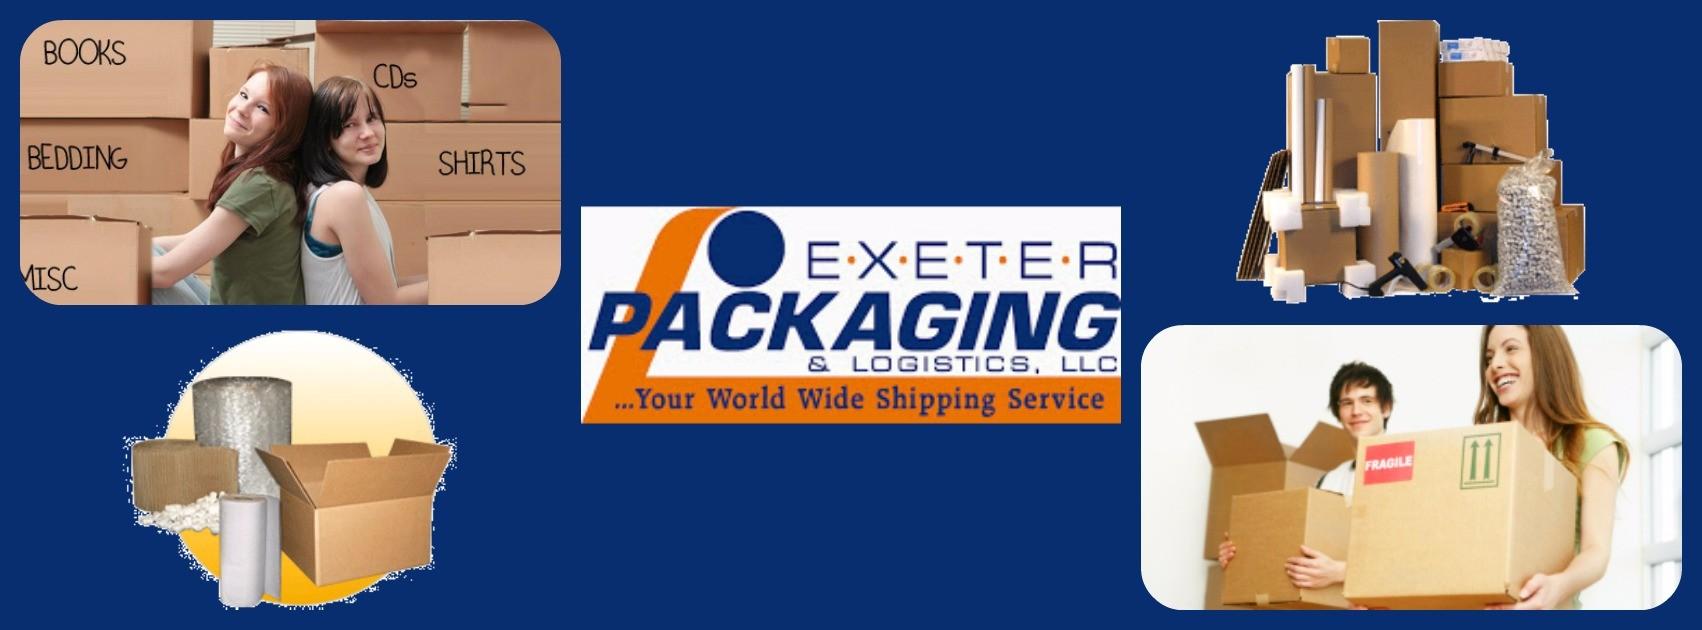 Exeter Packaging Slider 7